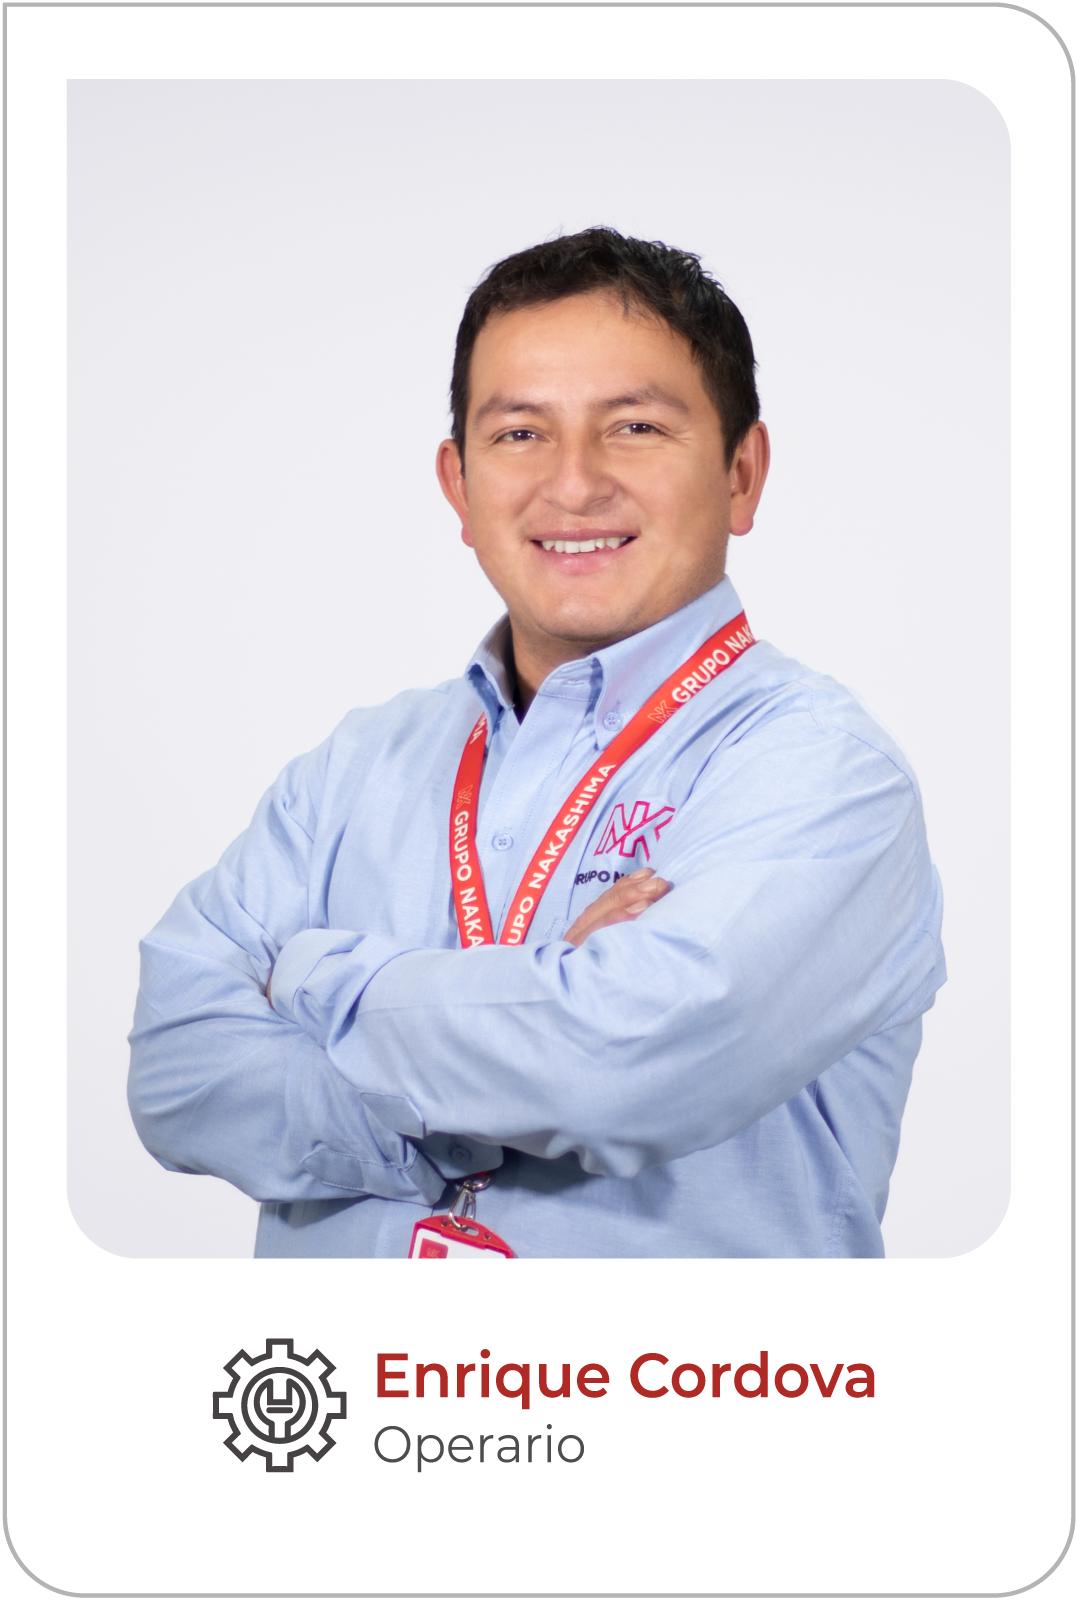 web 2021_Personal - Enrique Cordova